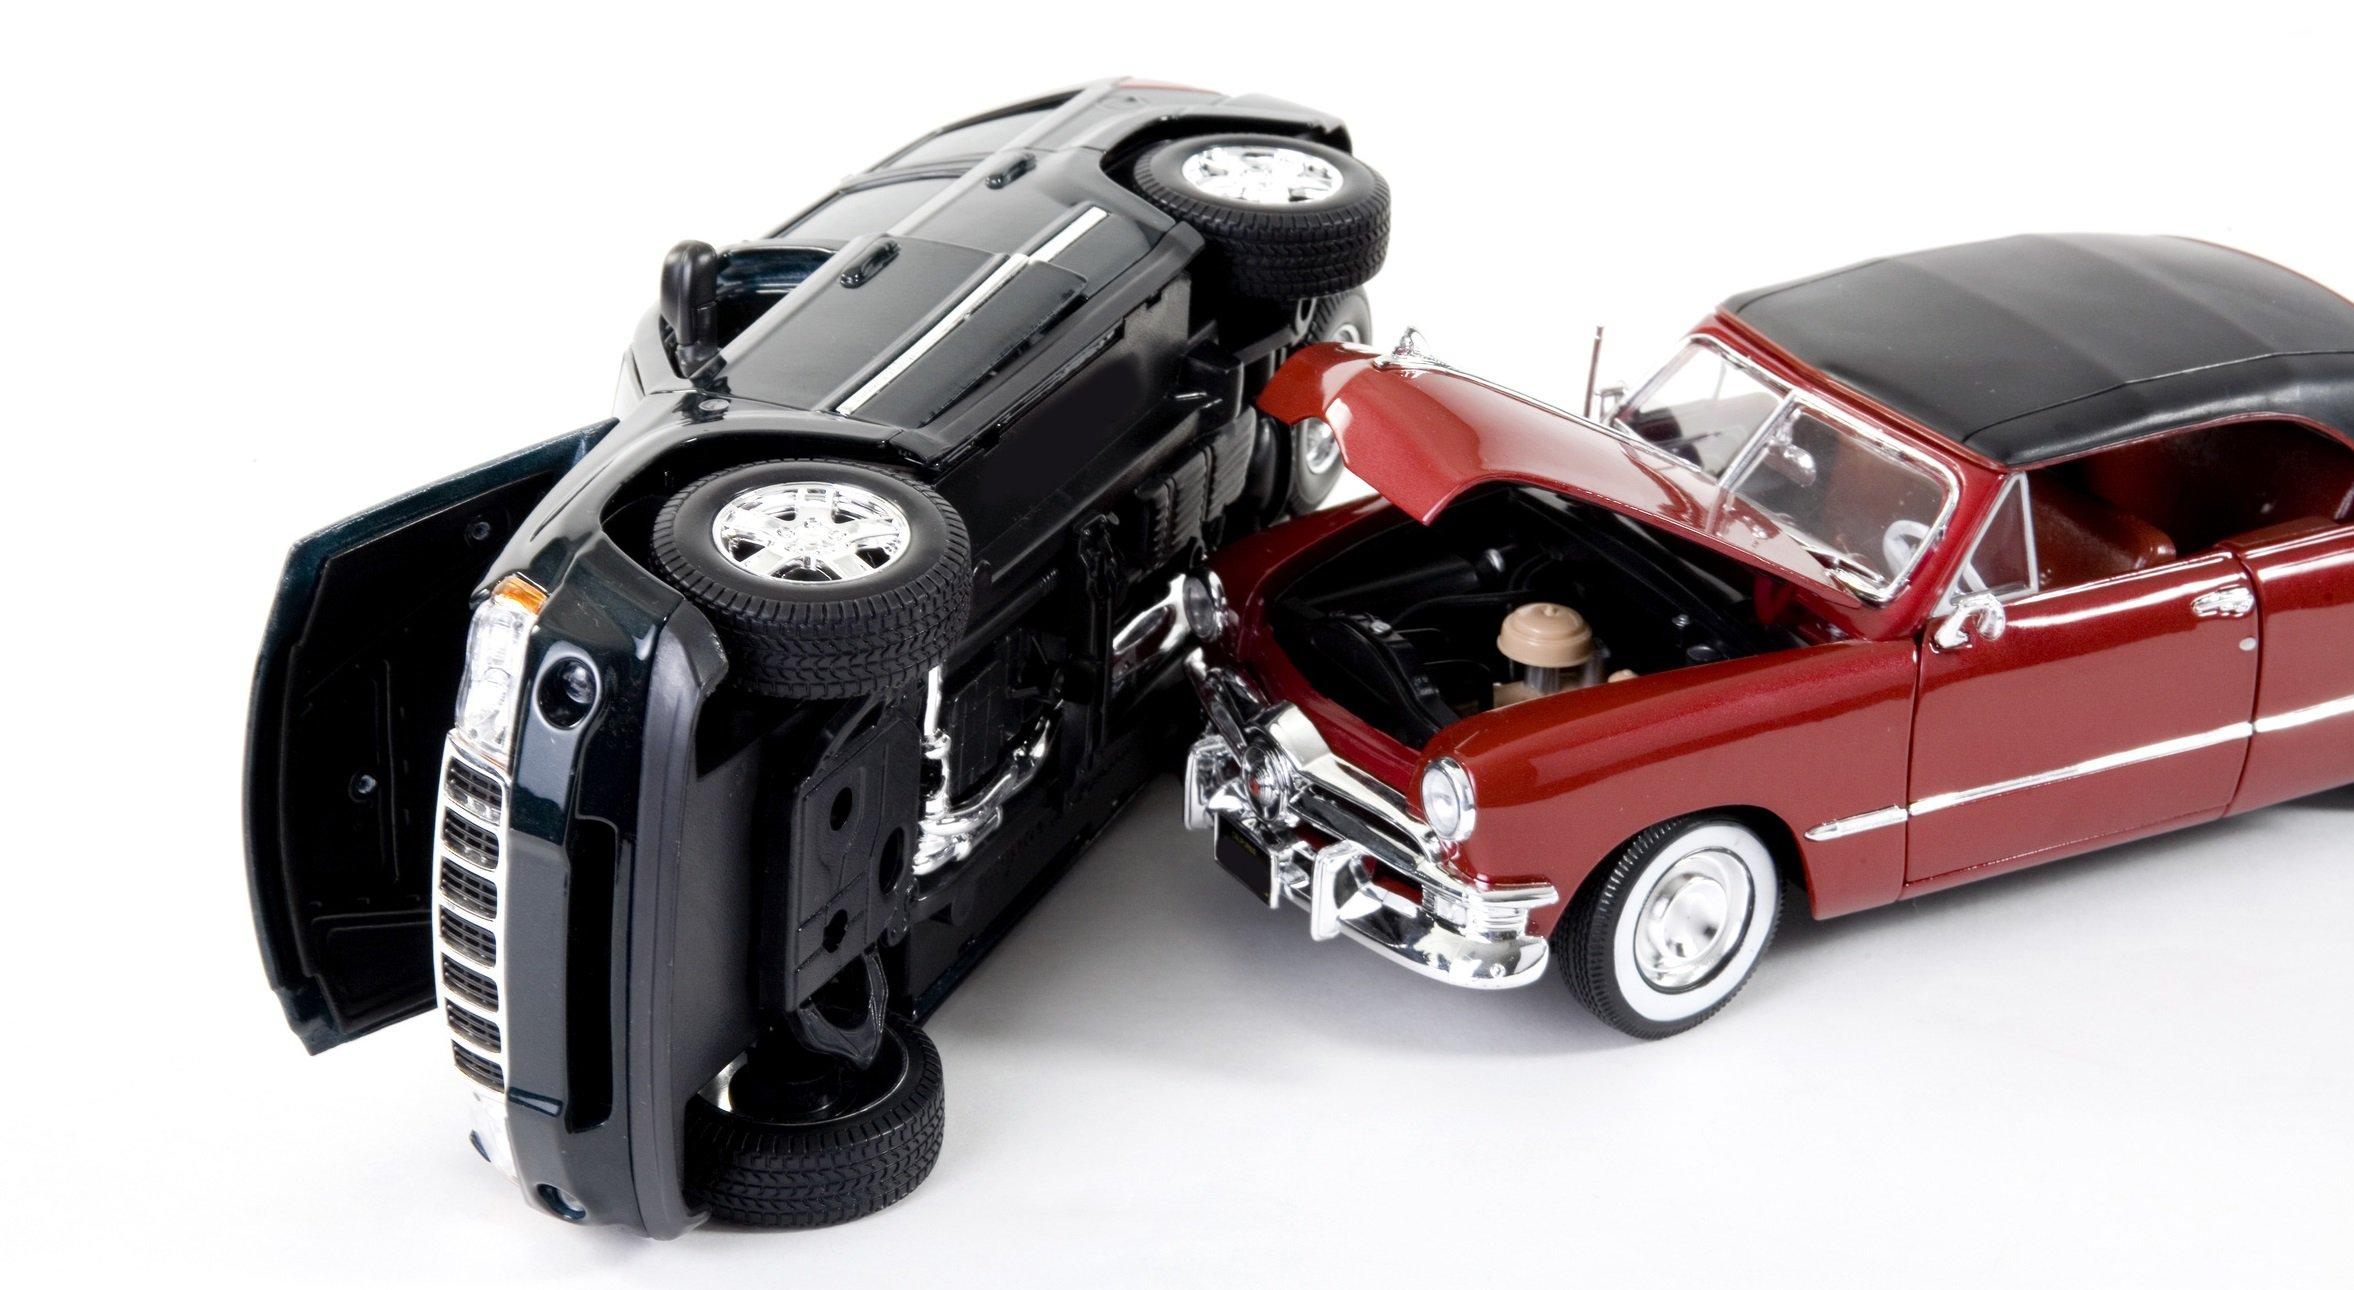 КАСКО под ударом, добровольному автострахованию прогнозируют крах из-за кризиса авторынка